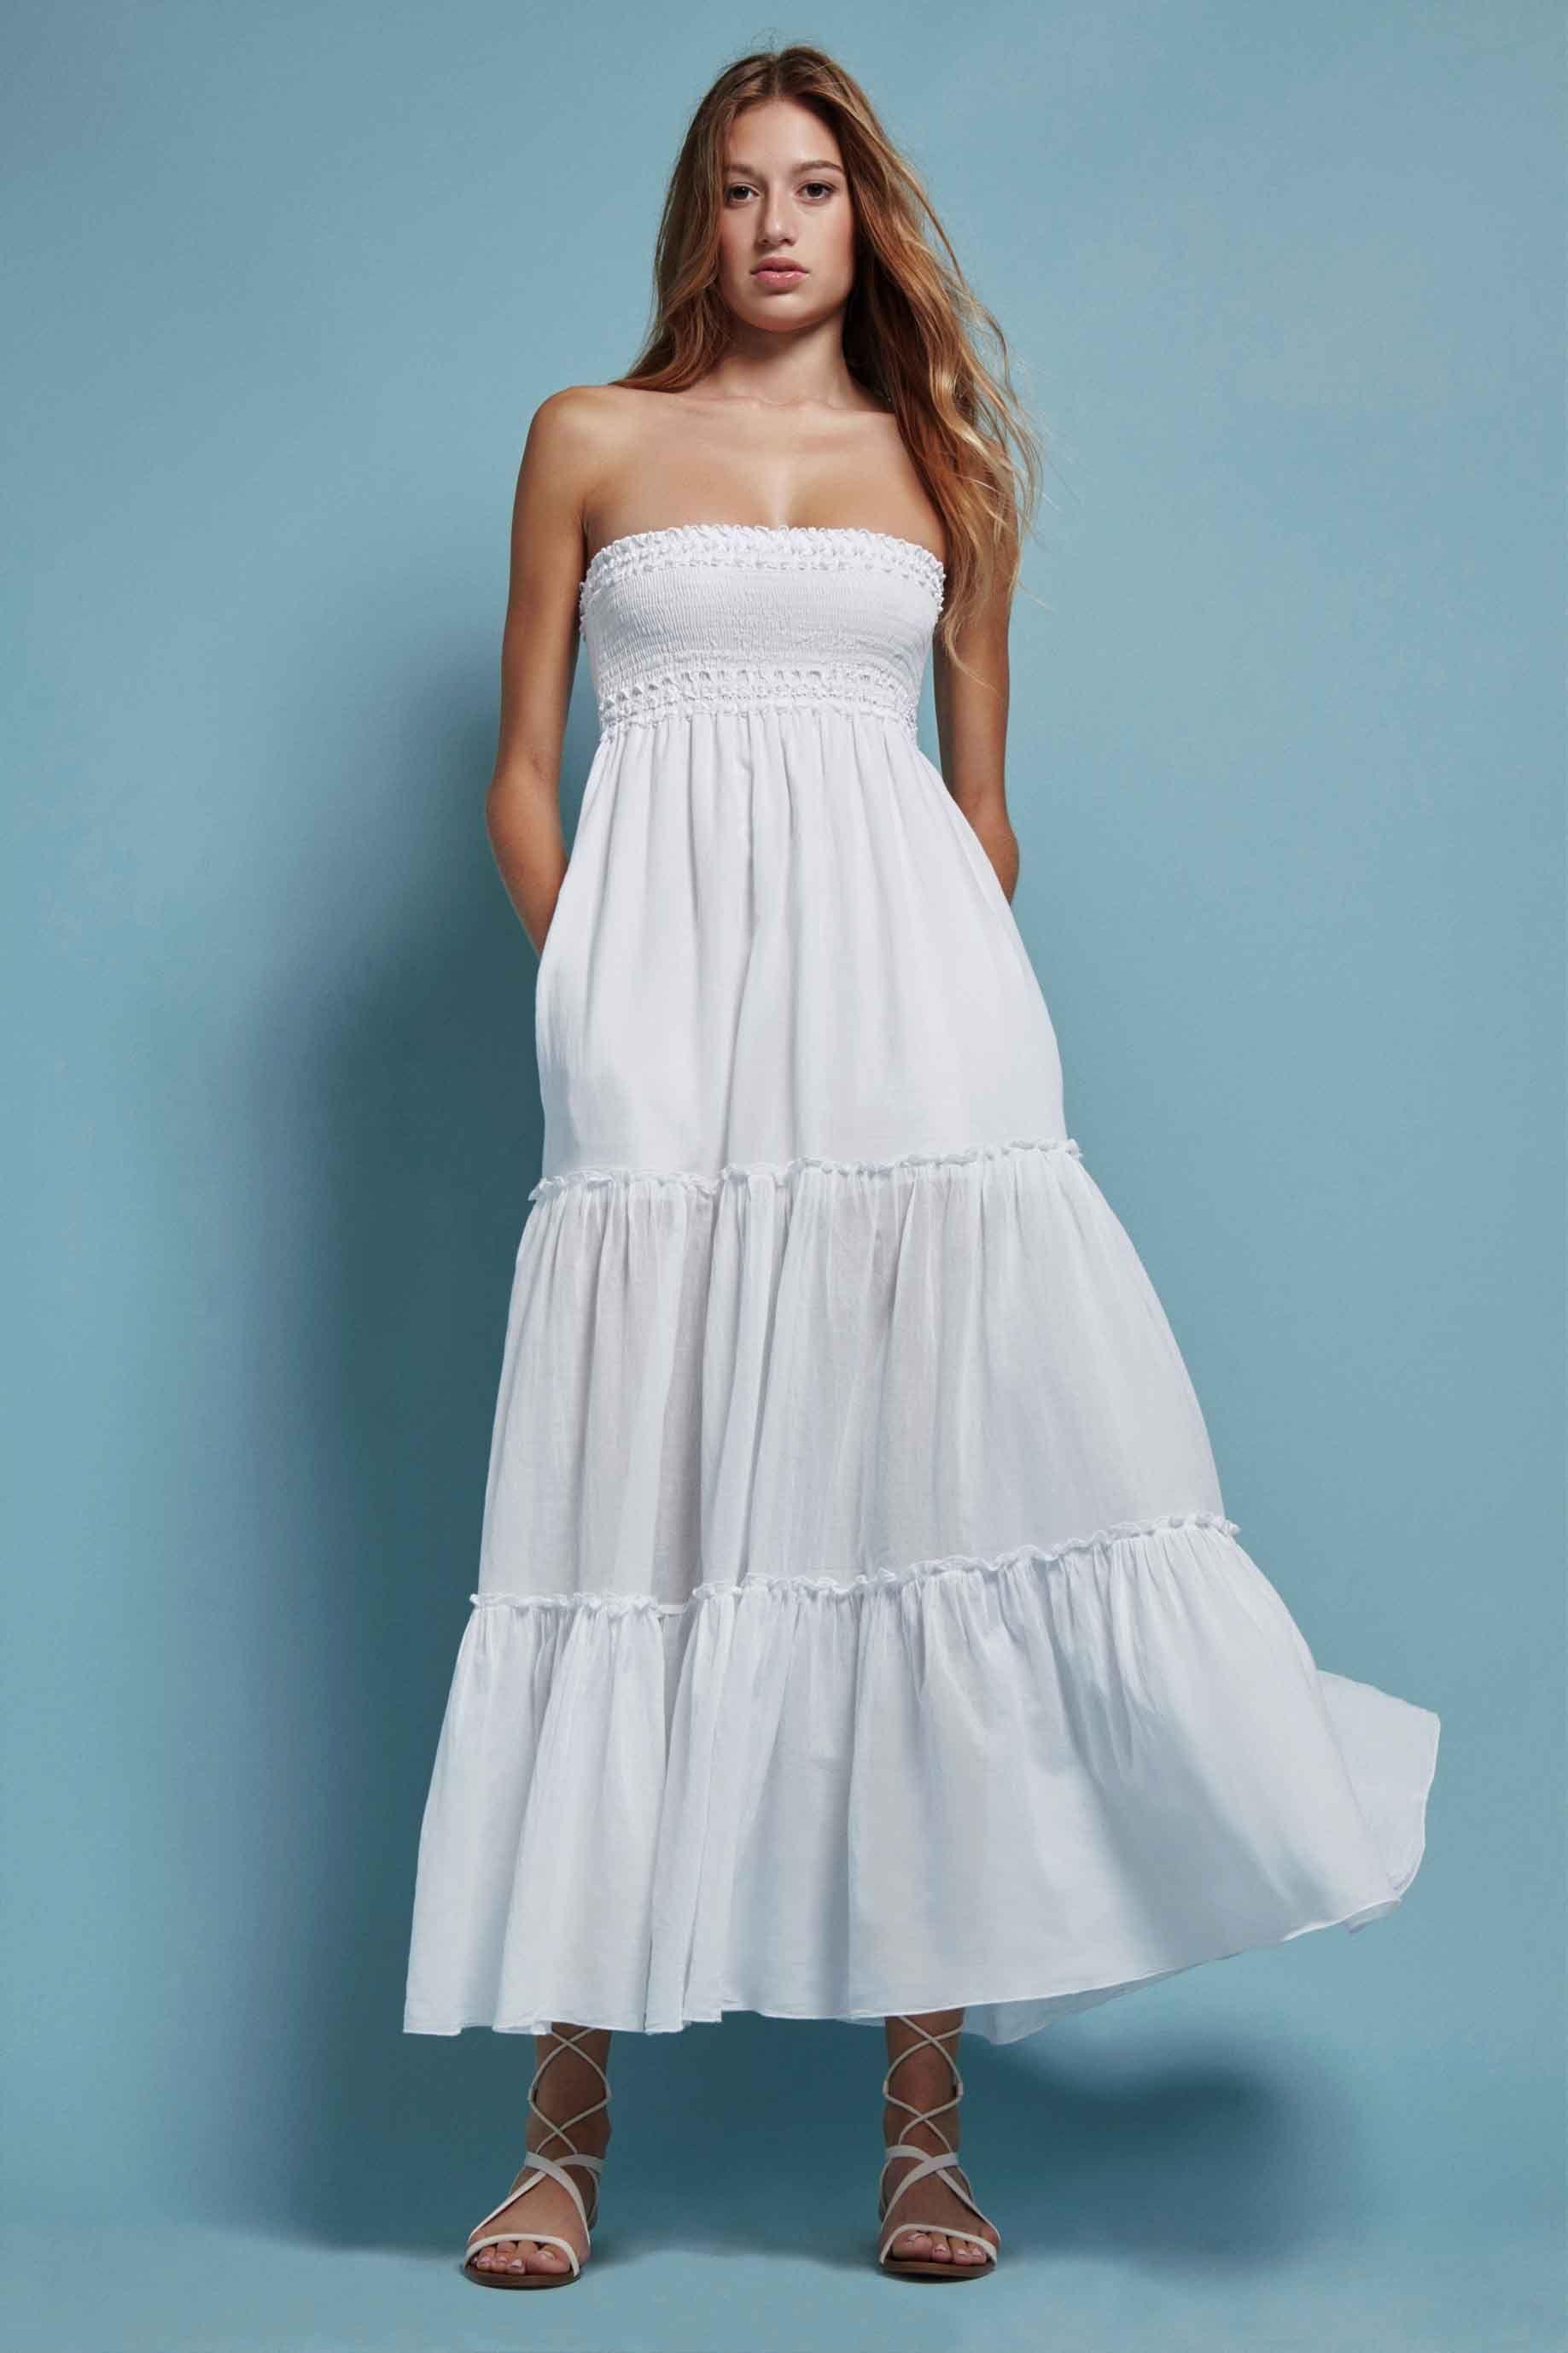 WOMAN : CHARO RUIZ IBIZA. Moda adlib de Ibiza y vestidos de novia ...